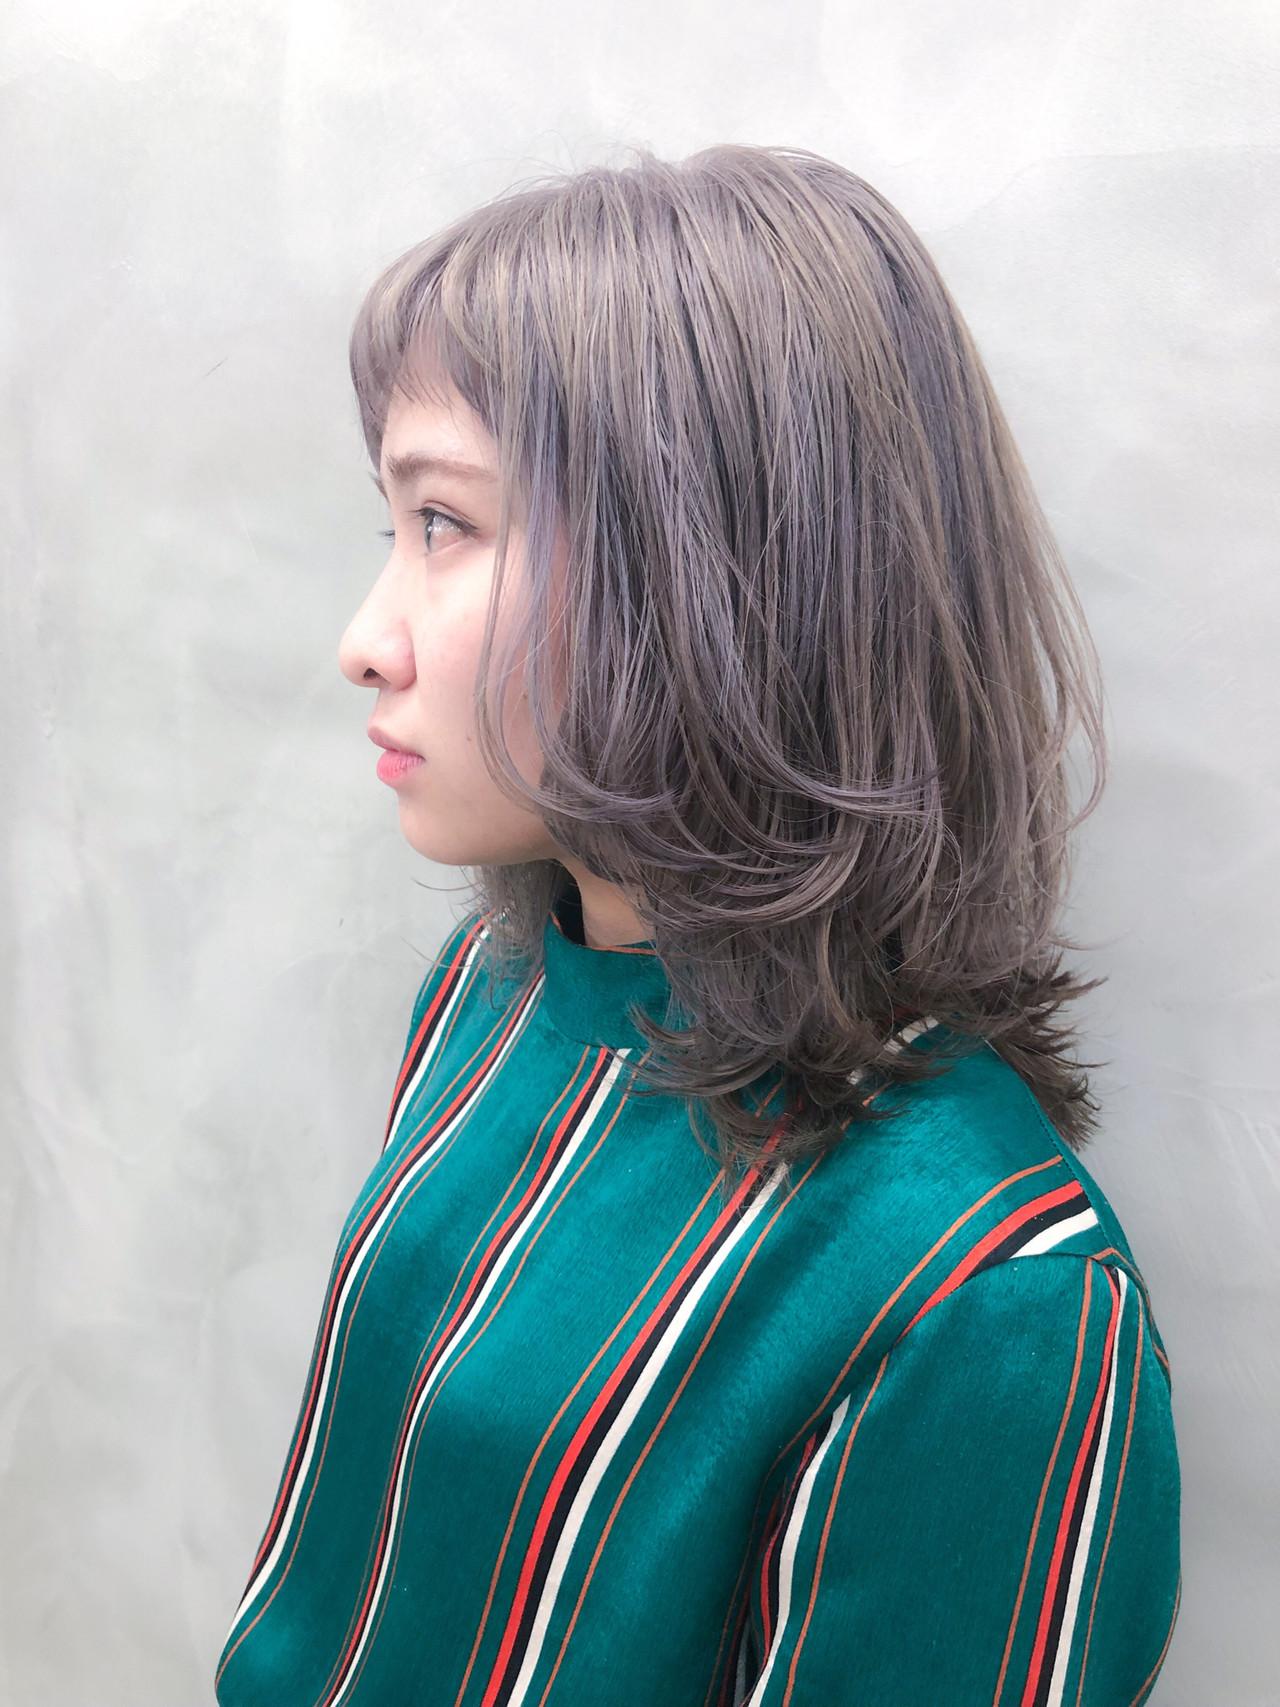 マッシュウルフ ウルフカット ミディアム ストリート ヘアスタイルや髪型の写真・画像